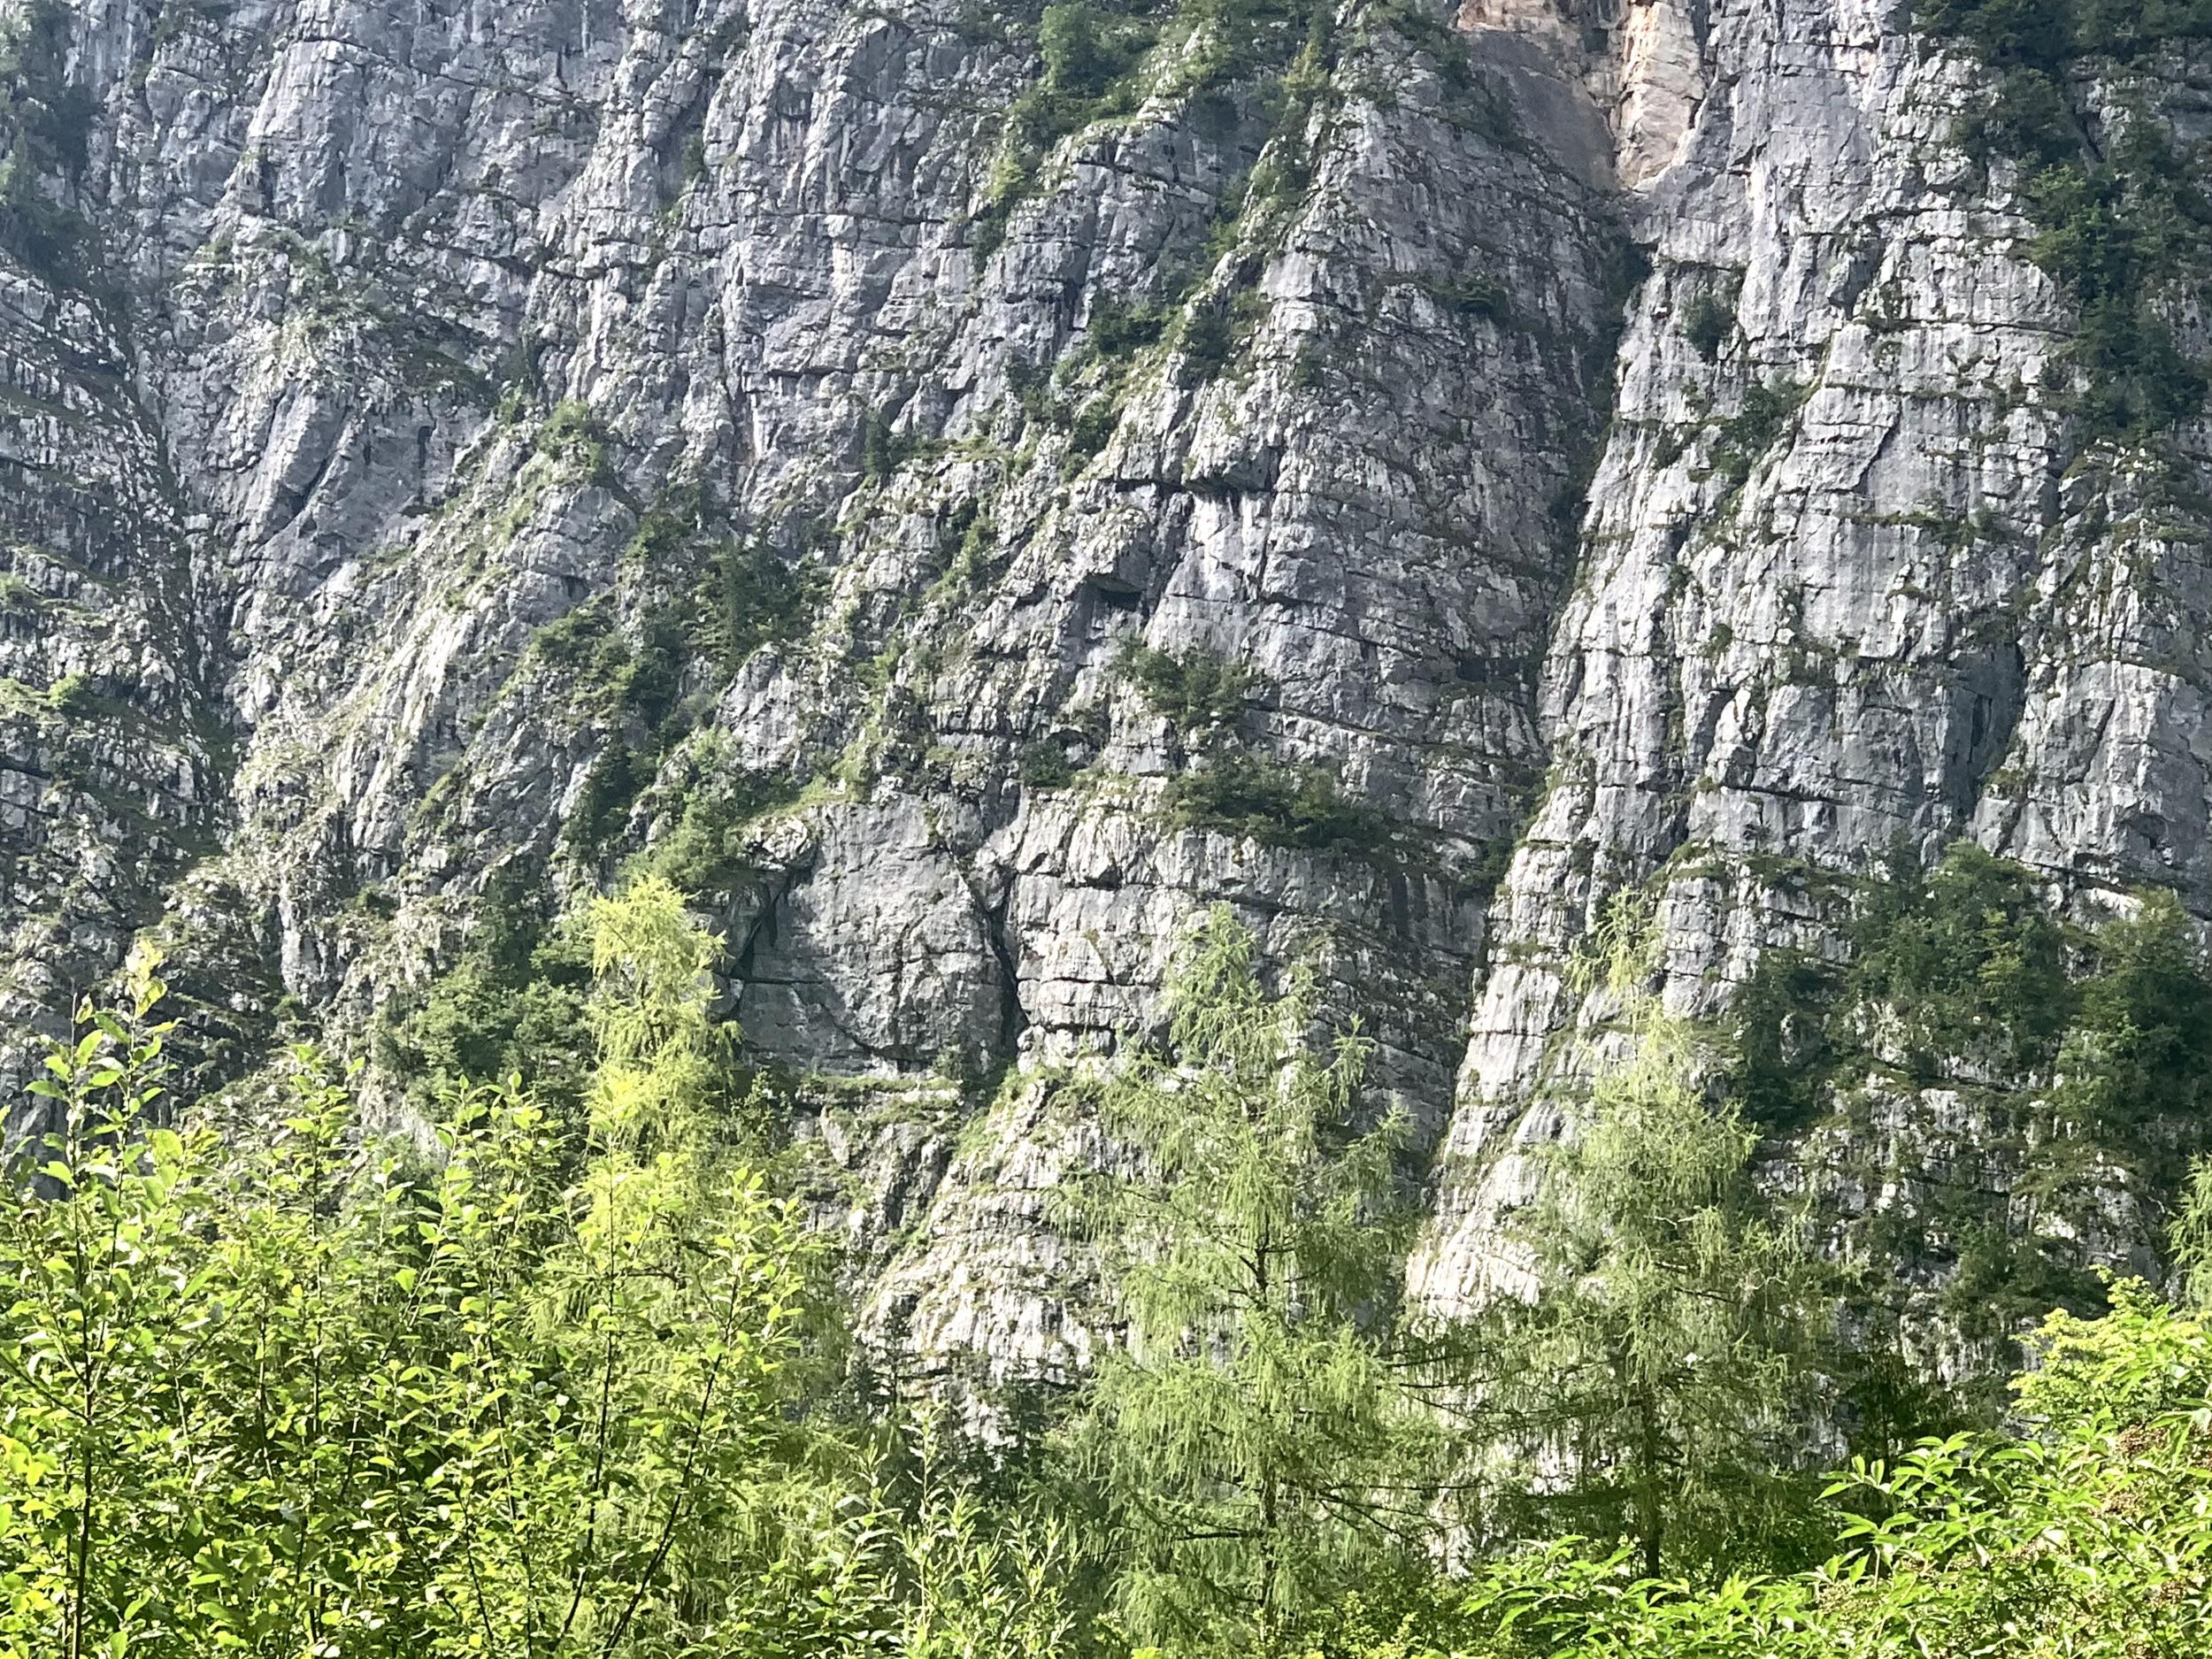 Die Echernwand vom Fuße der Hirlatzwand aus gesehen.